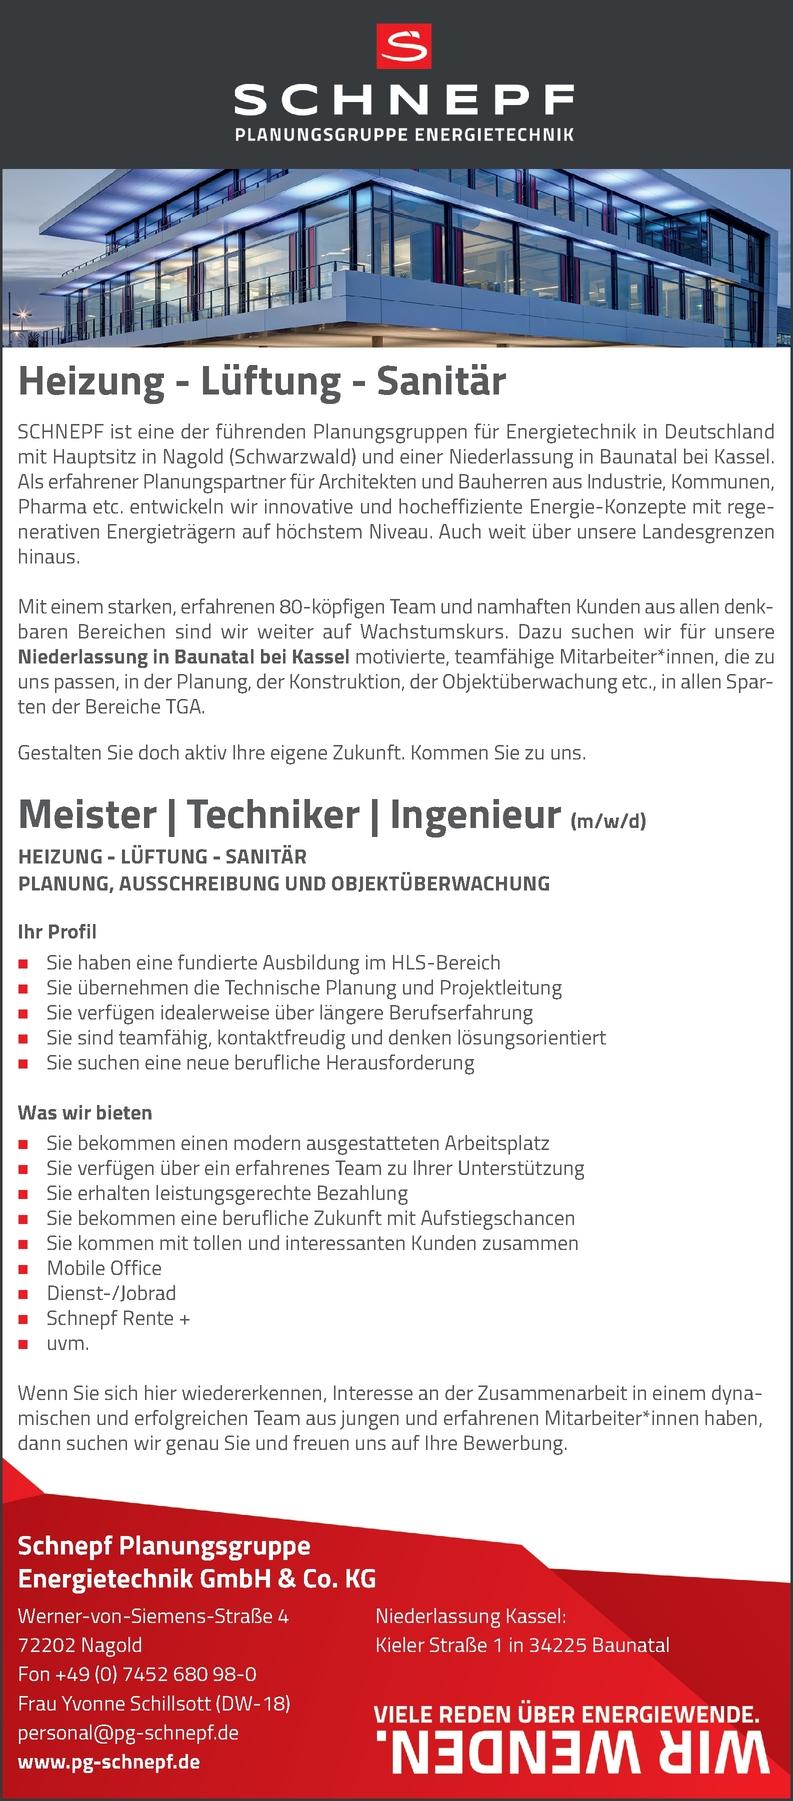 Meister Techniker Ingenieur HLS